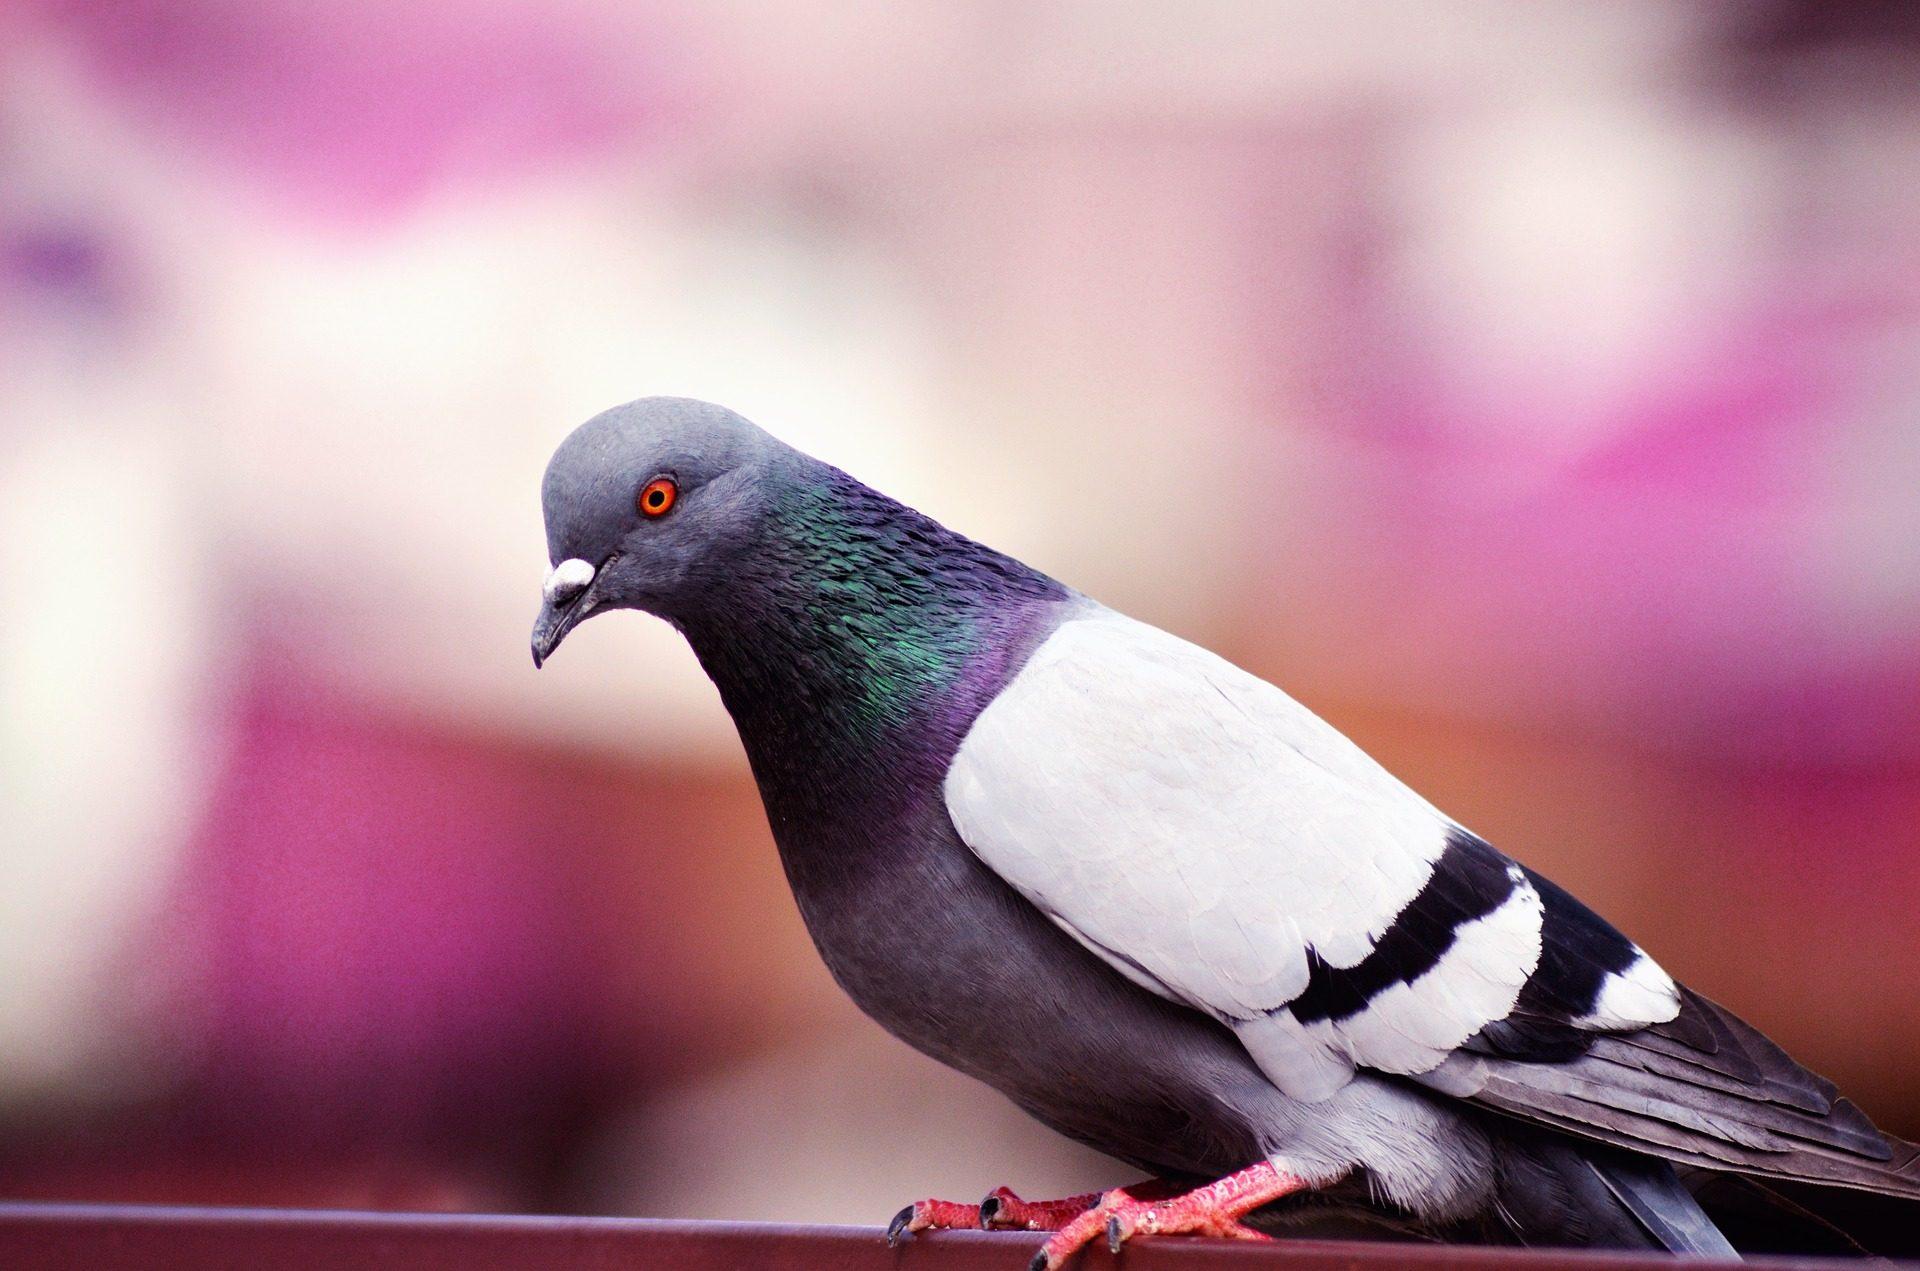 パロマ, アベニュー, 鳥, 羽, カラフルです, 外観 - HD の壁紙 - 教授-falken.com